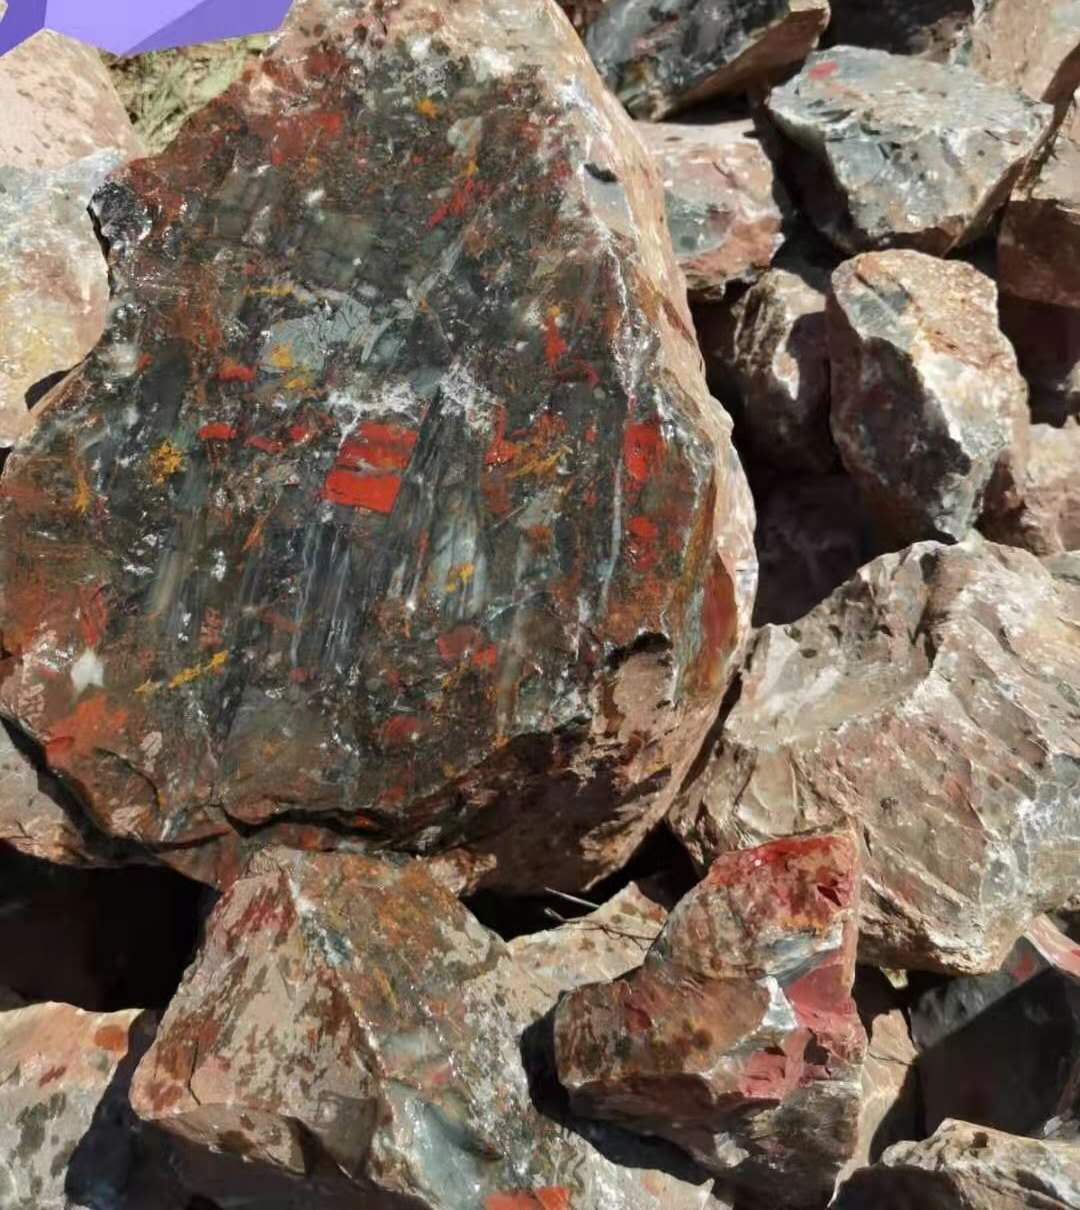 雕刻件-奇石、观赏石类